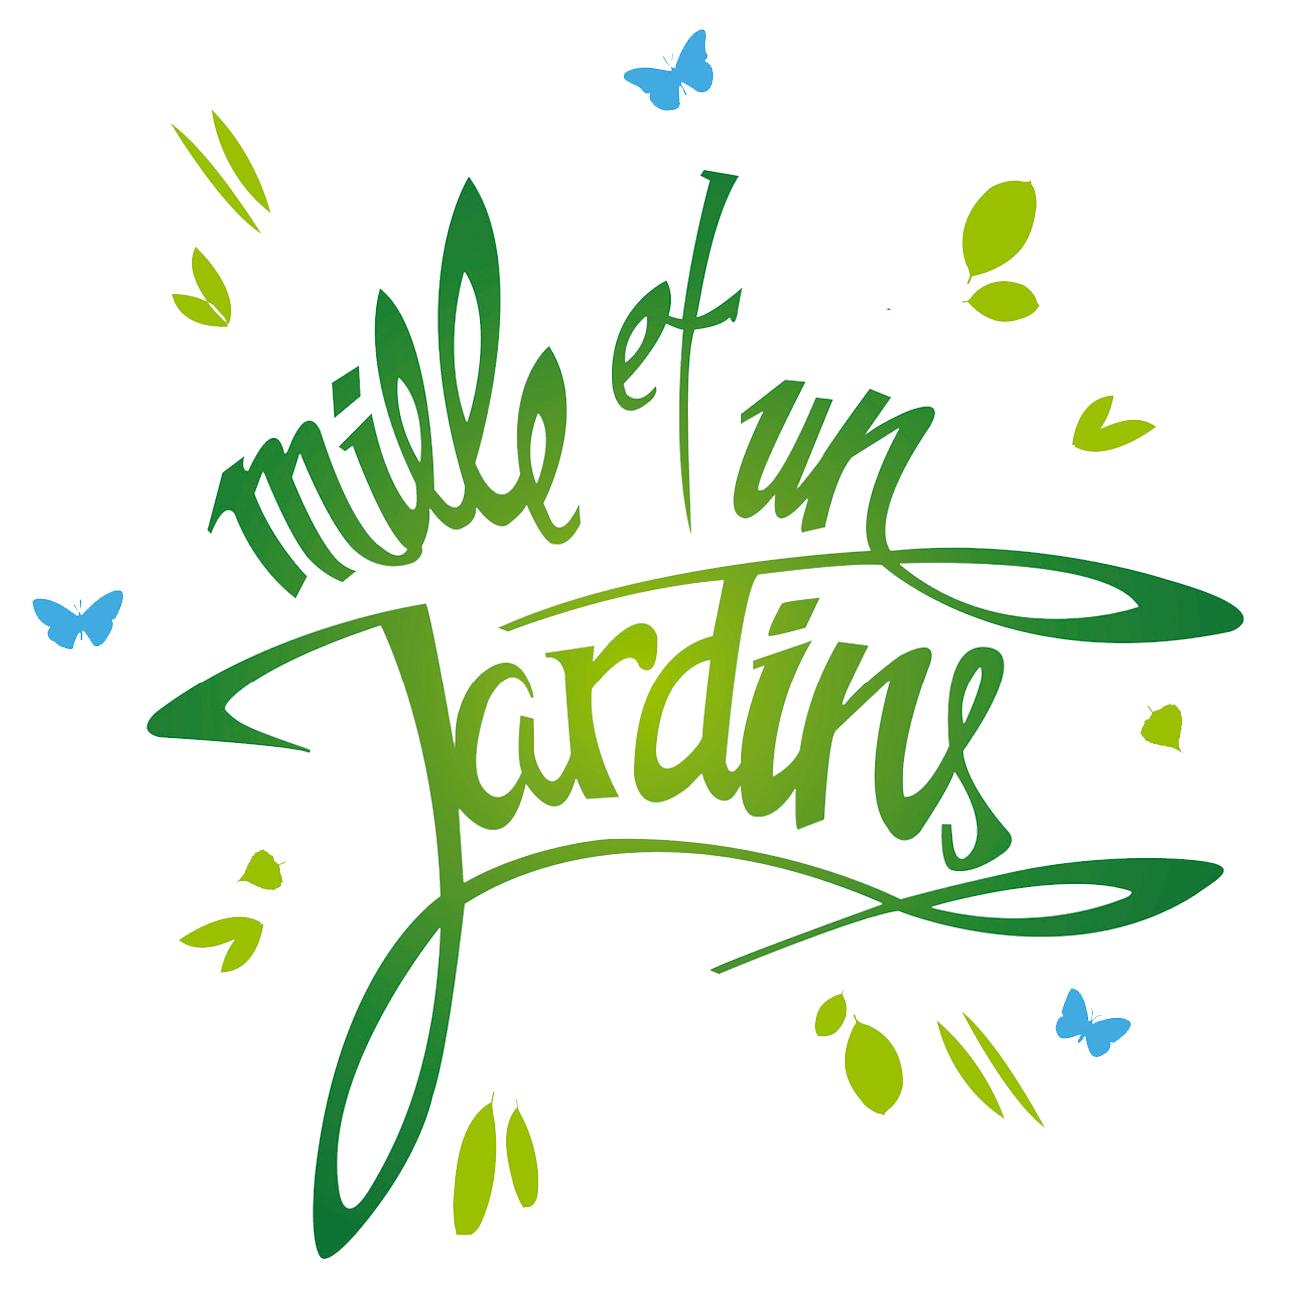 Shop 1001 Jardins